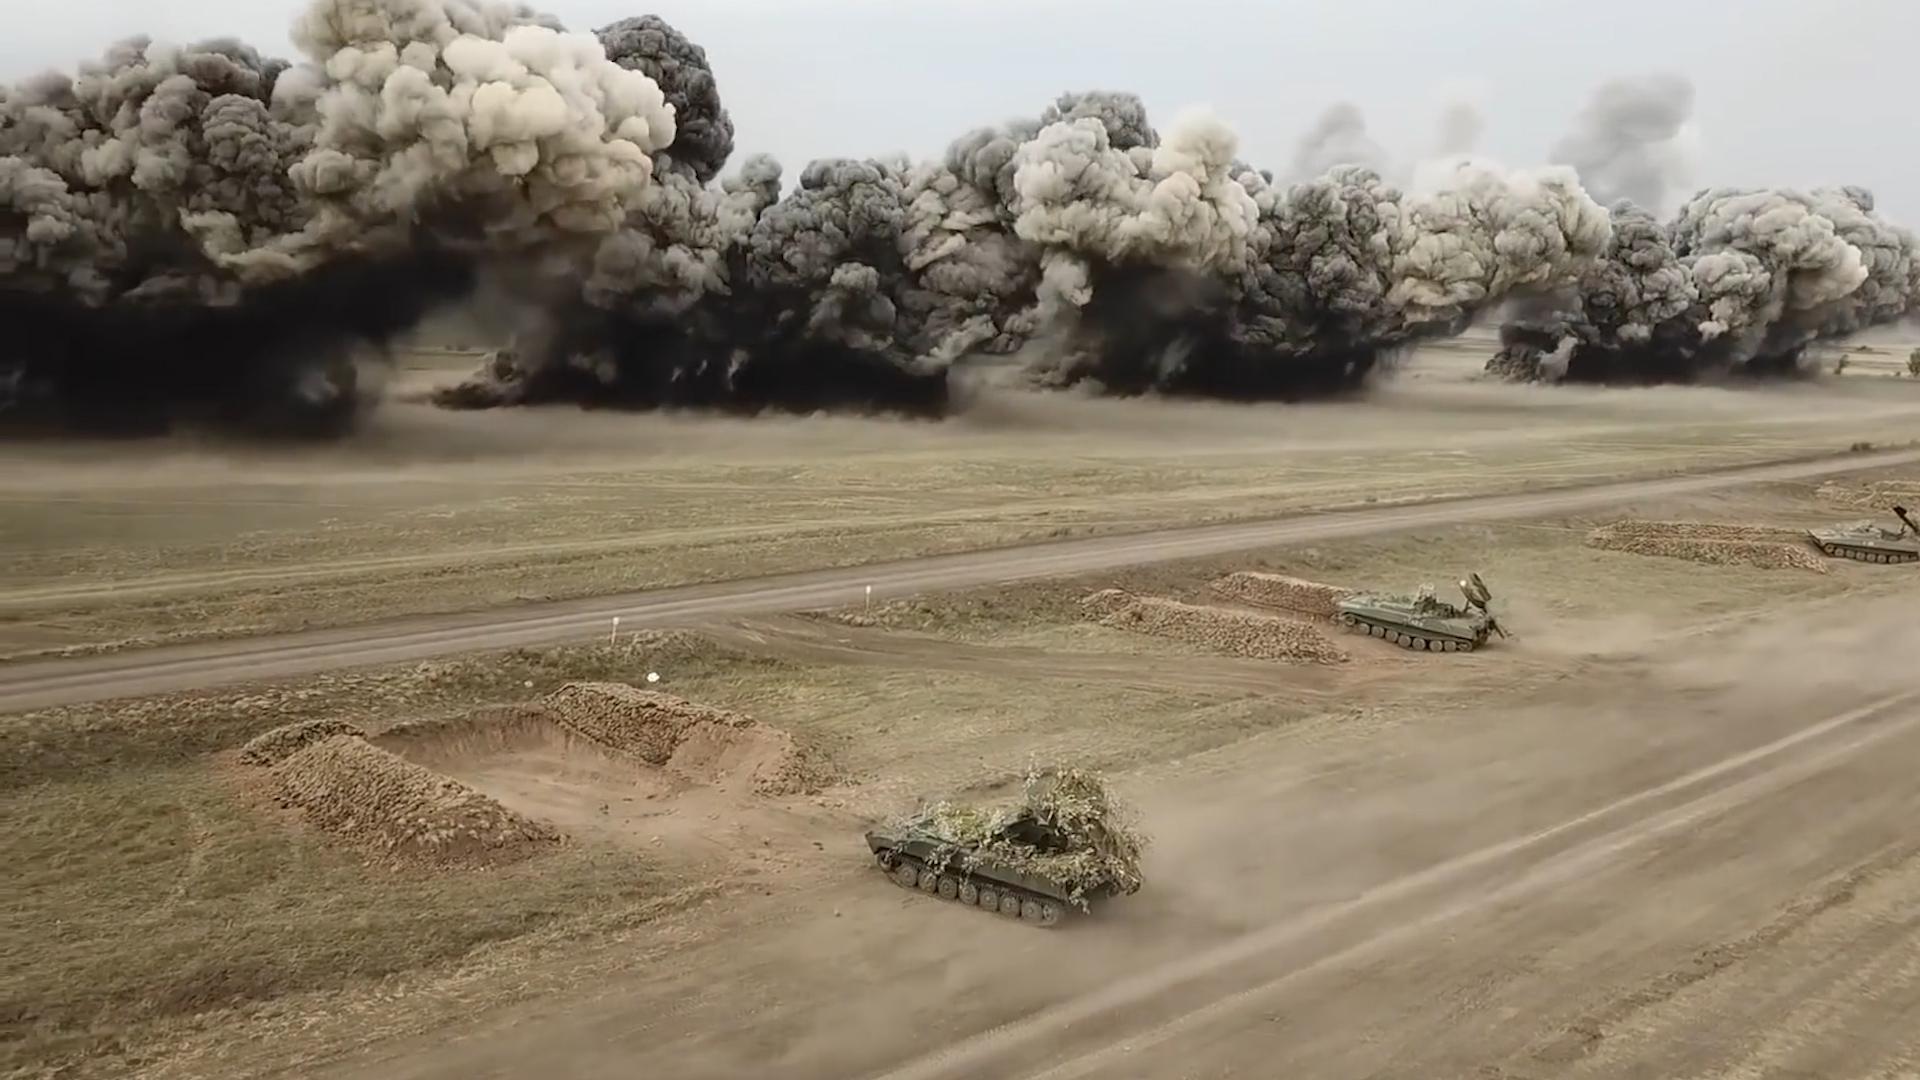 实拍百米爆炸弹幕,俄军展示最新排雷步战车 即将实战部署叙利亚